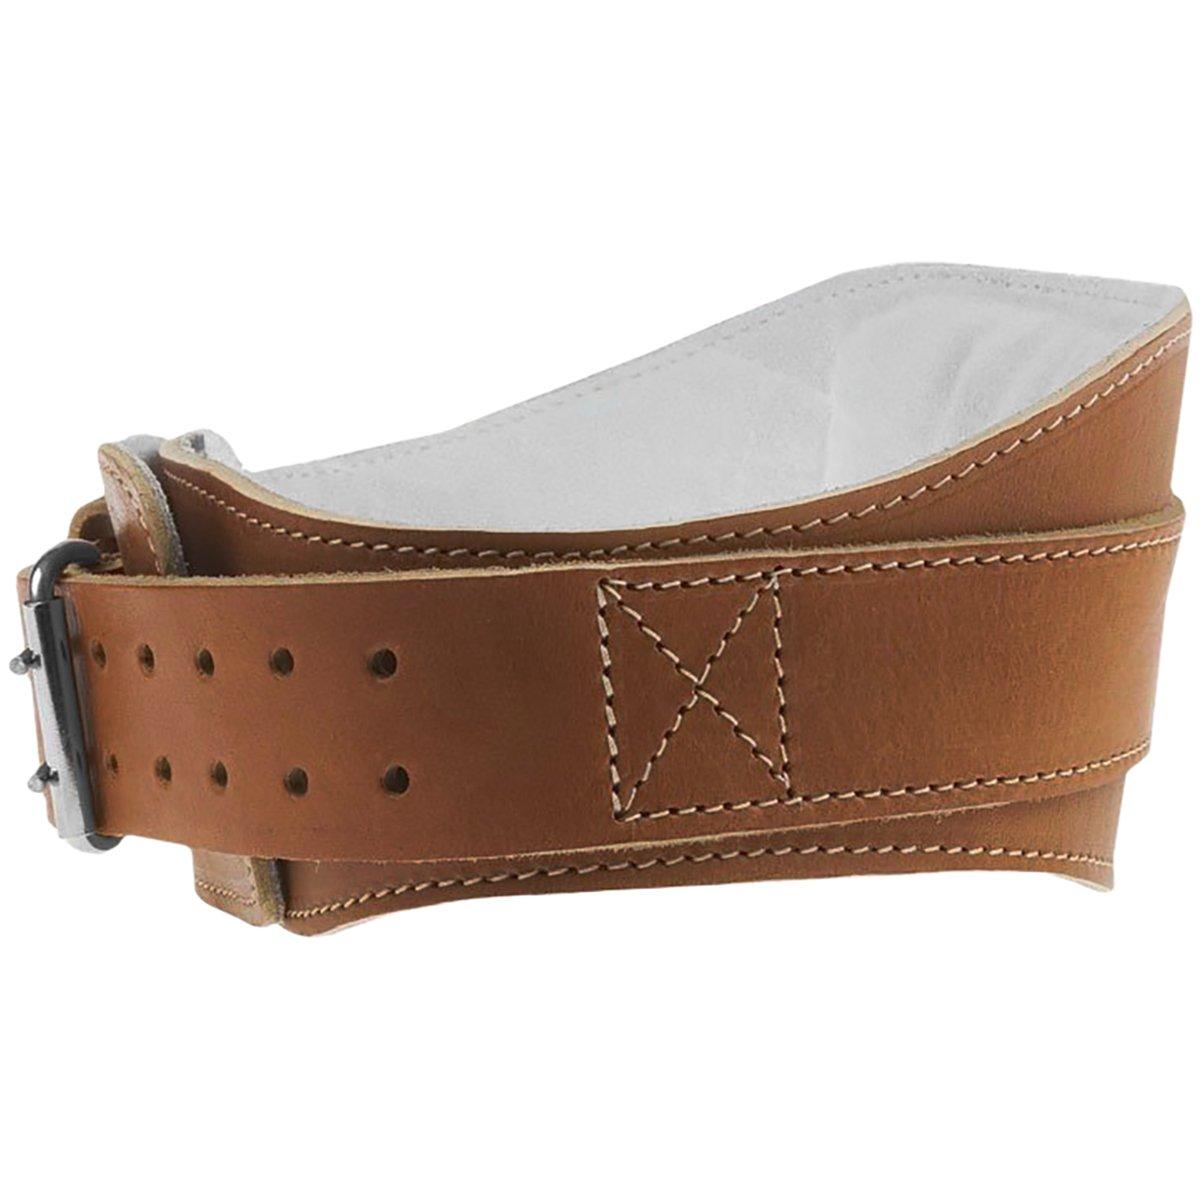 Power Leather Contour Belt 2006 XXX-Large 1 belt